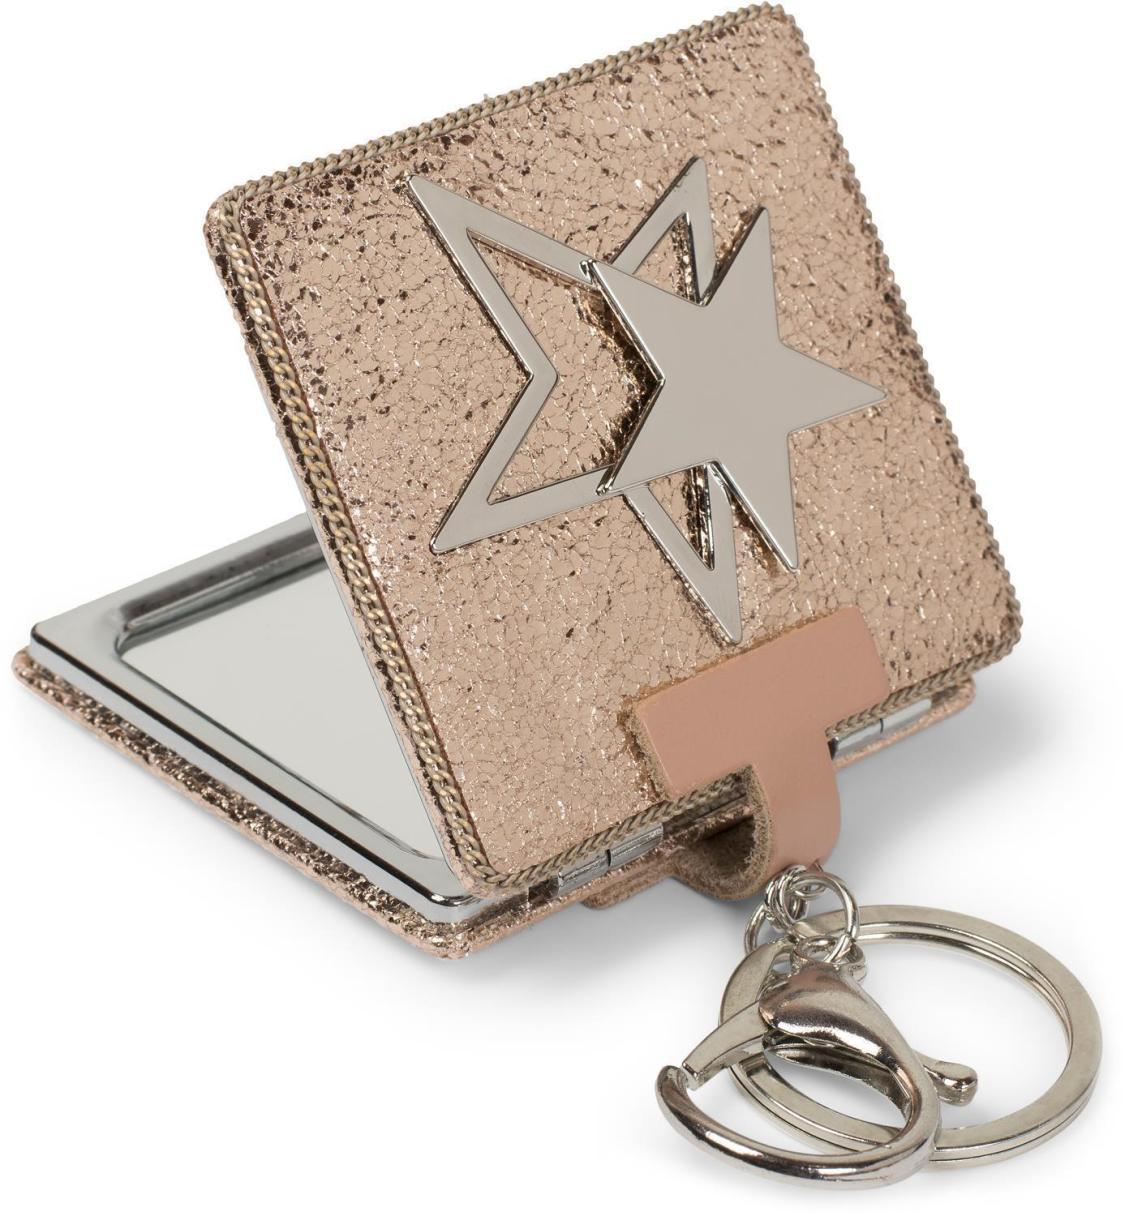 Taschenspiegel eckig mit Stern und Kette, 1X / 3X Vergrößerung, Kompaktspiegel